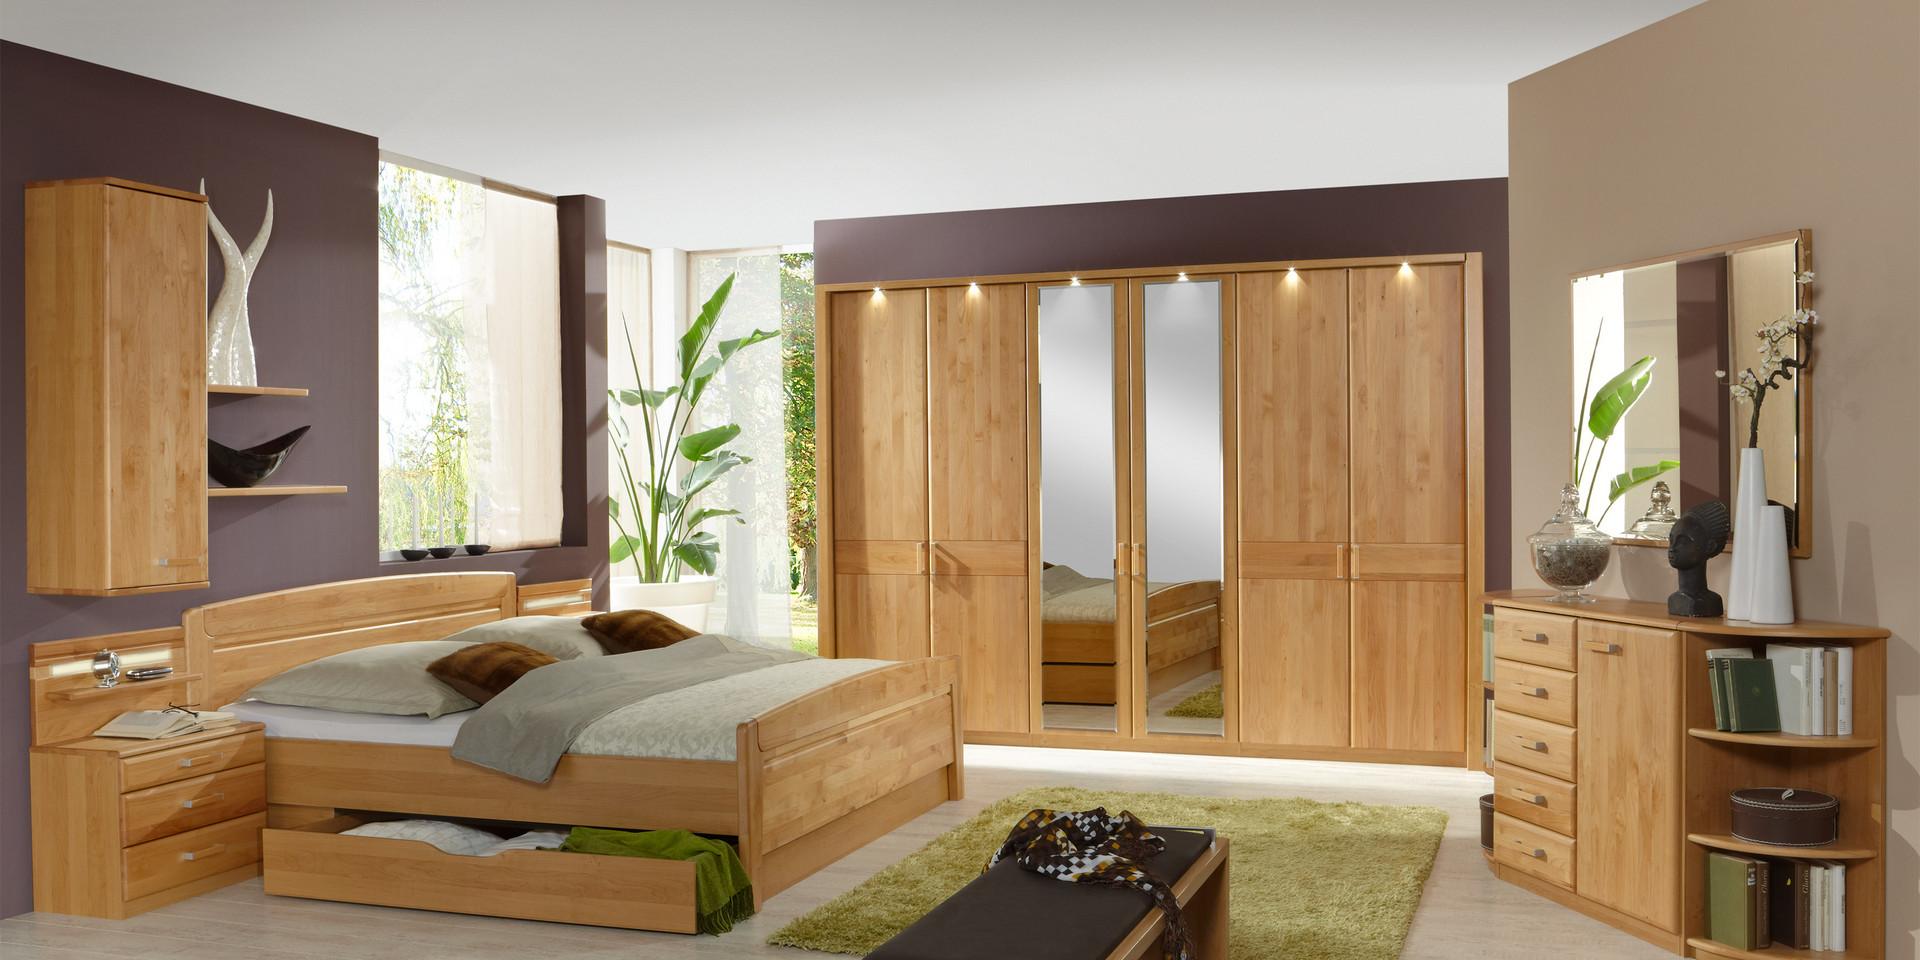 Erleben Sie das Schlafzimmer Lausanne | Möbelhersteller Wiemann ...